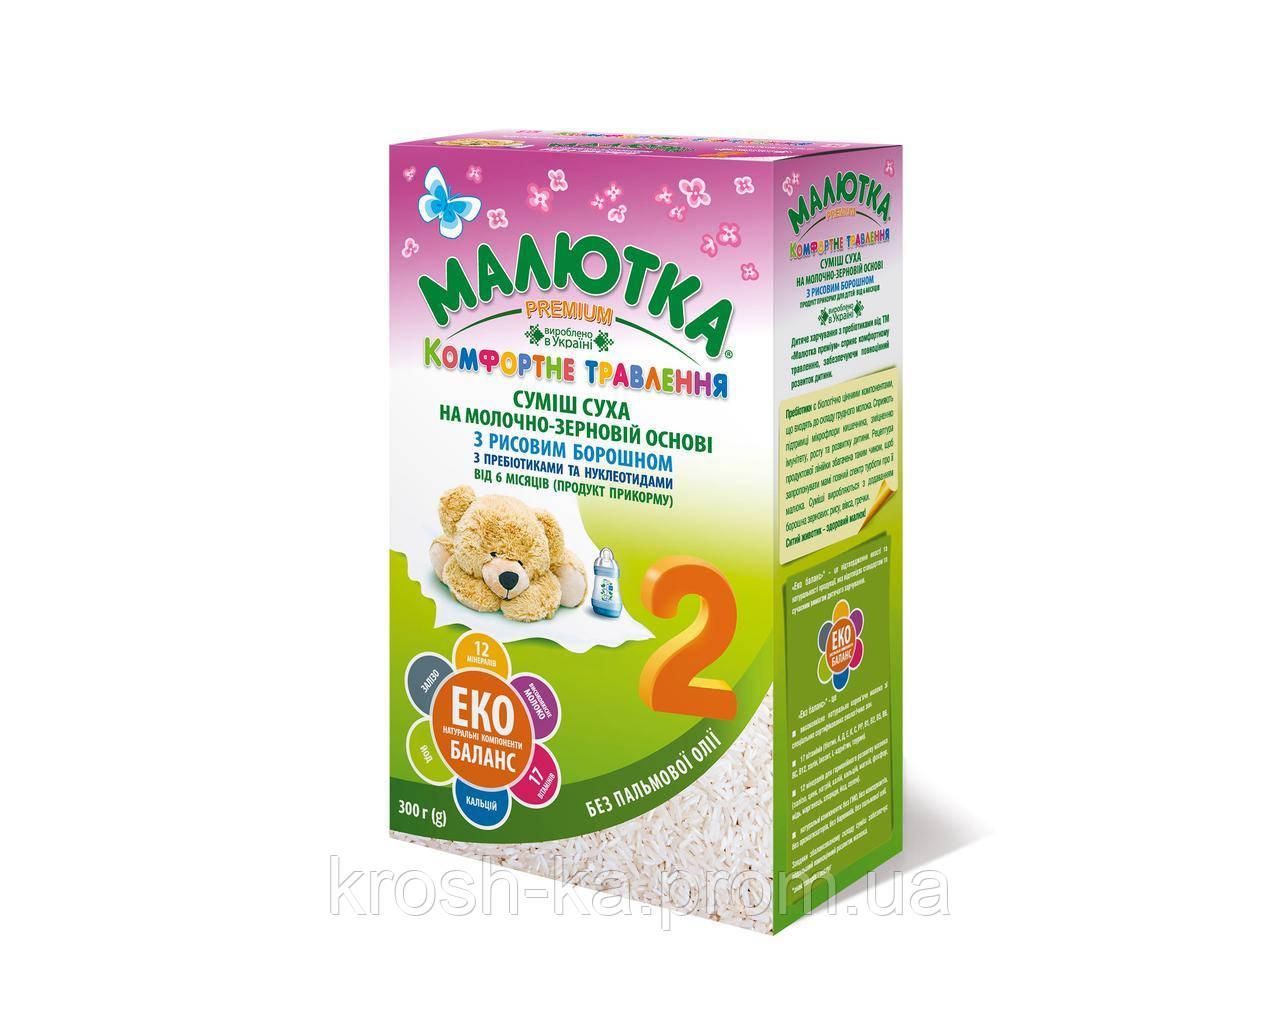 Молочная сухая смесь Малютка Premium 2 с рисовой мукой с 6 месяцев 300 г Хорол Украина 1062060